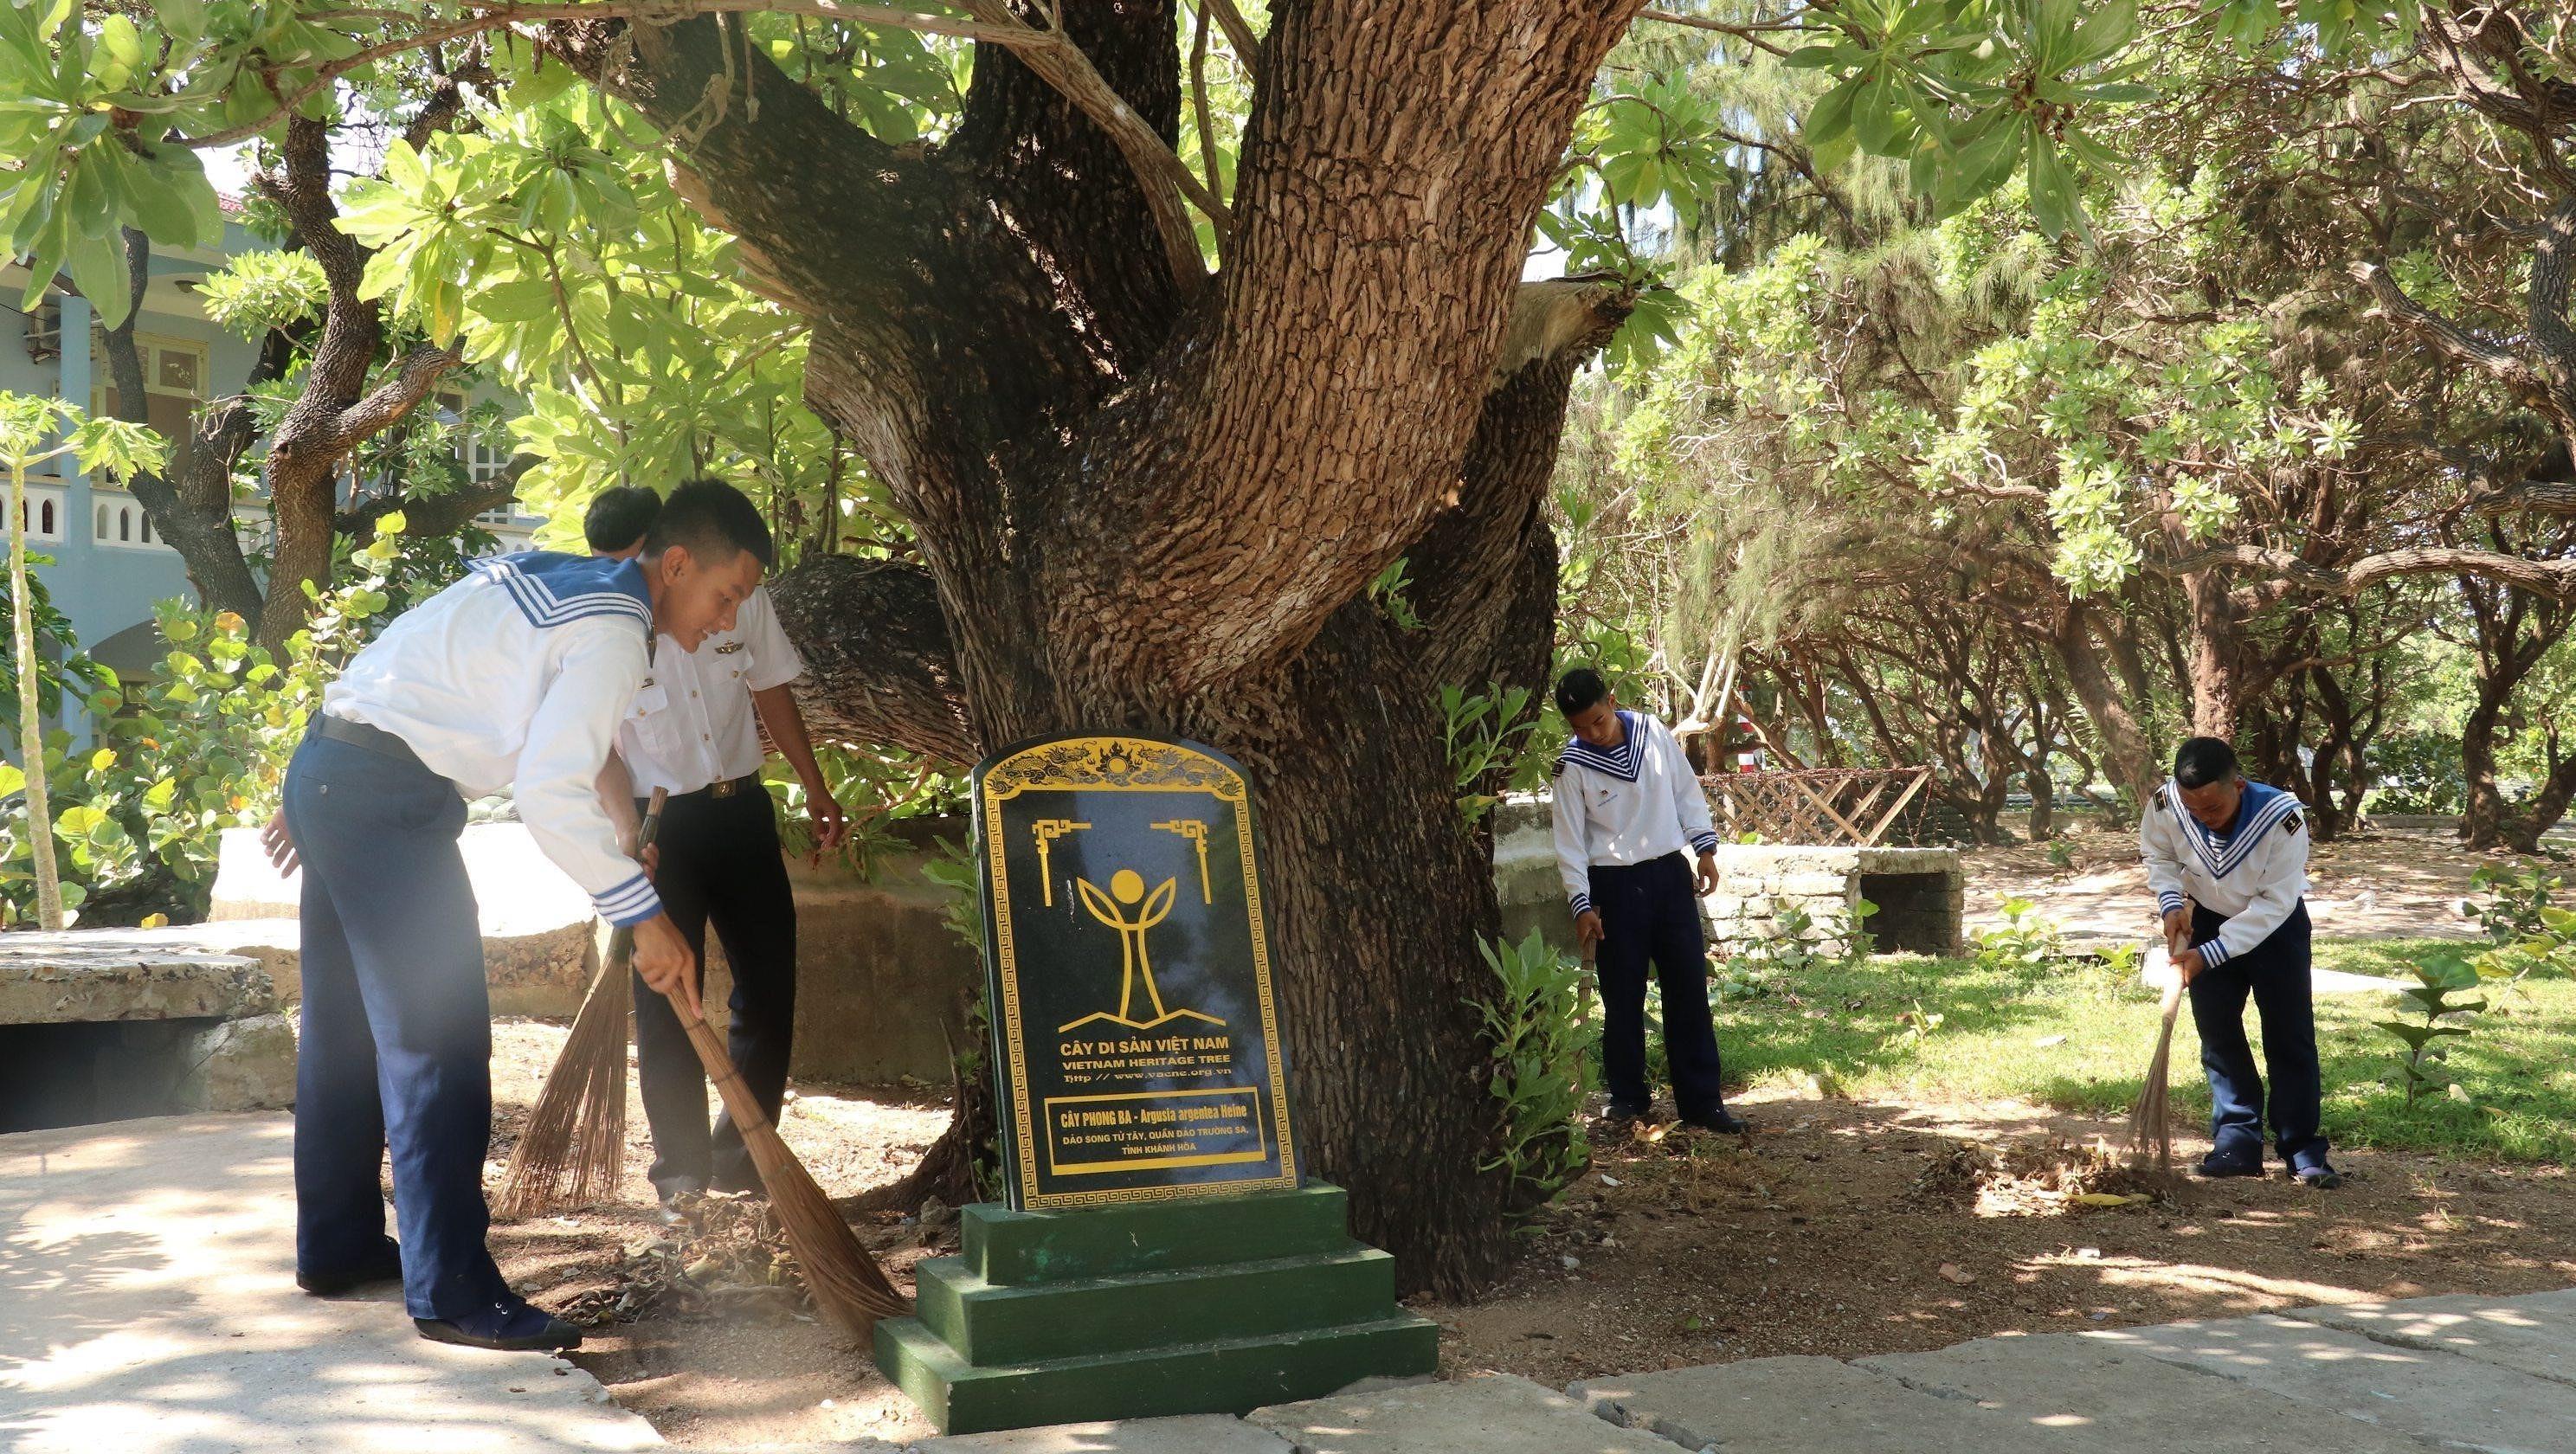 组图:长沙群岛上主权界碑——遗产树 hinh anh 6